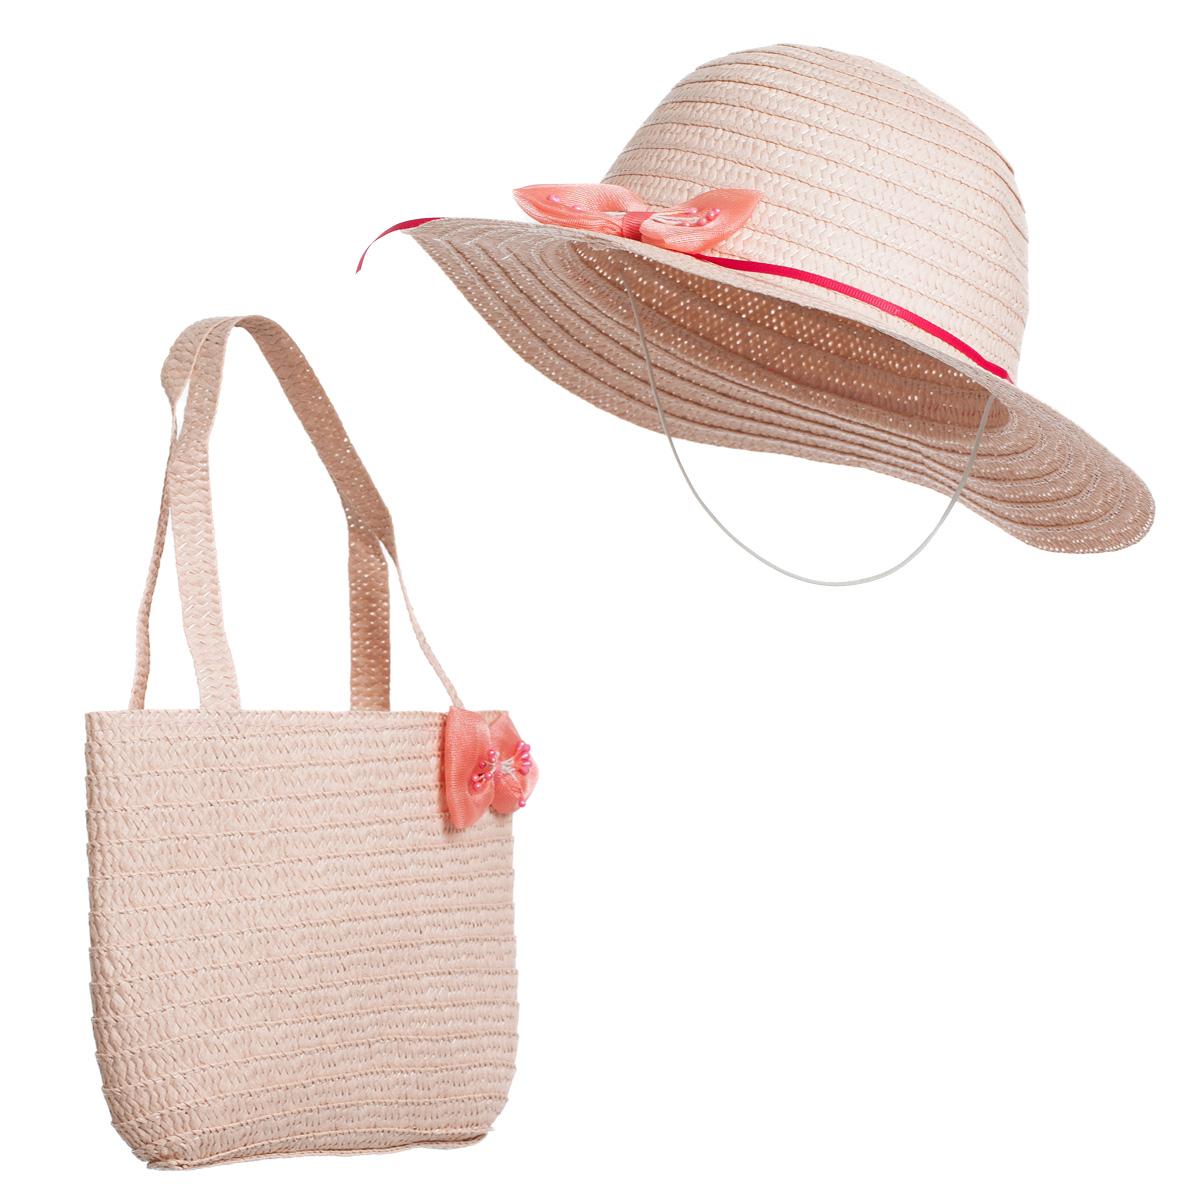 Набор (Шляпа+Сумка) Summerhit, 39190-20